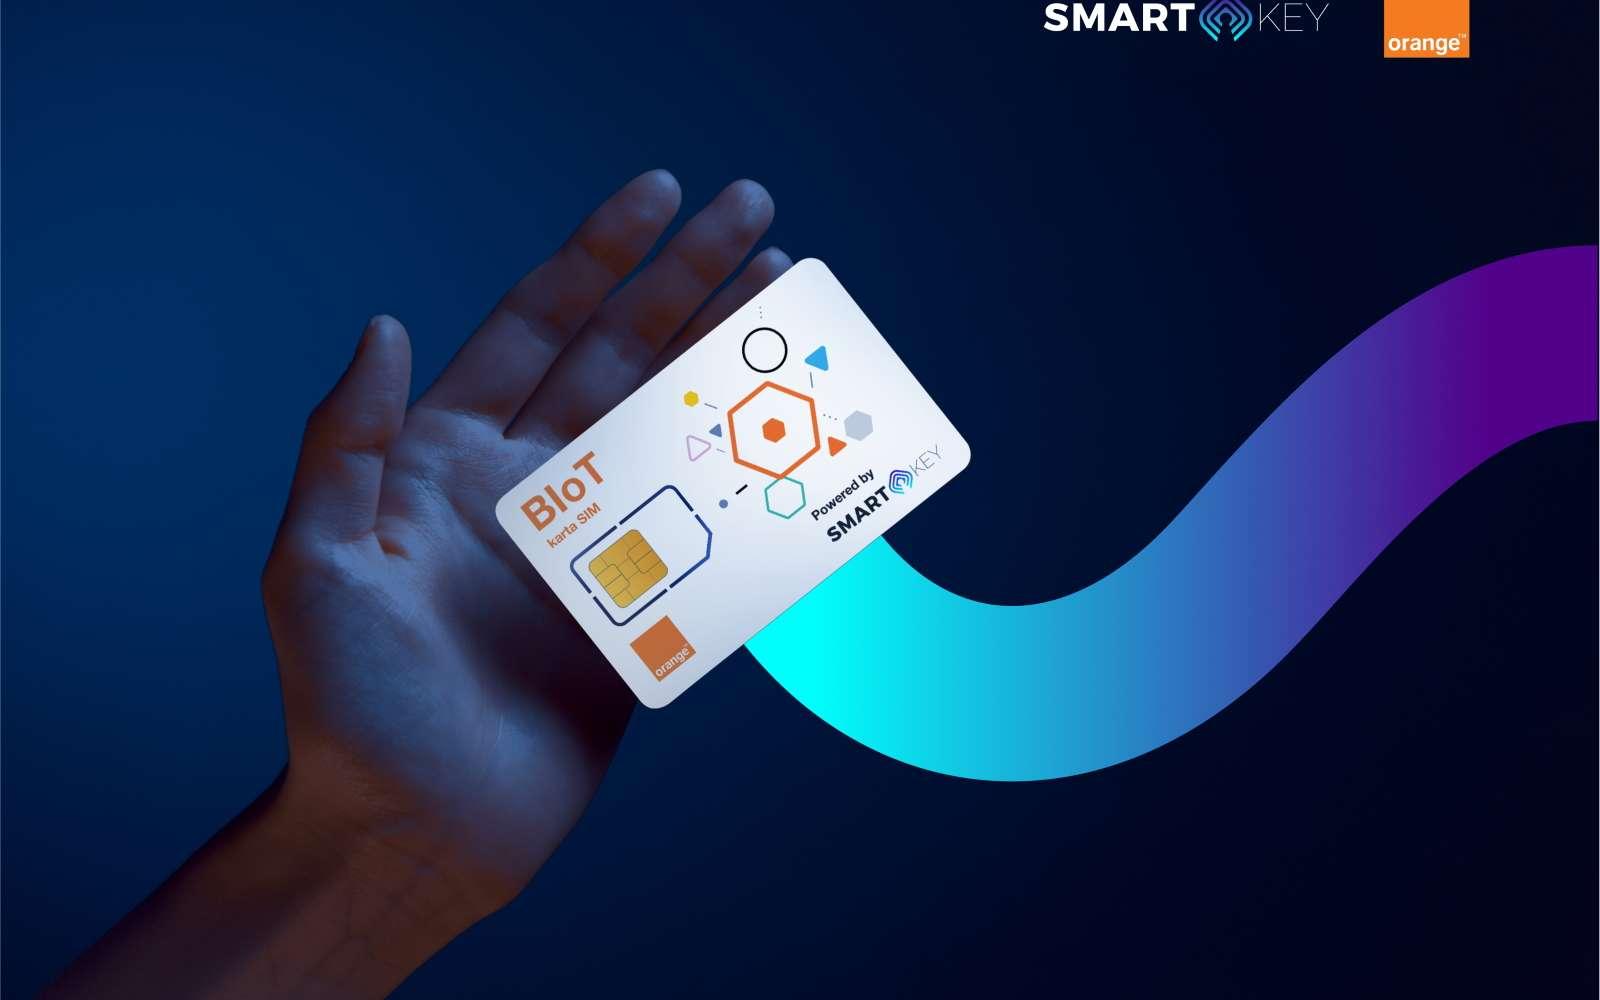 Smartkey et Orange proposent des cartes SIM dédiées aux smartcity pour pouvoir piloter leurs objets connectés en toute sécurité et souplesse. © Smartkey / Orange